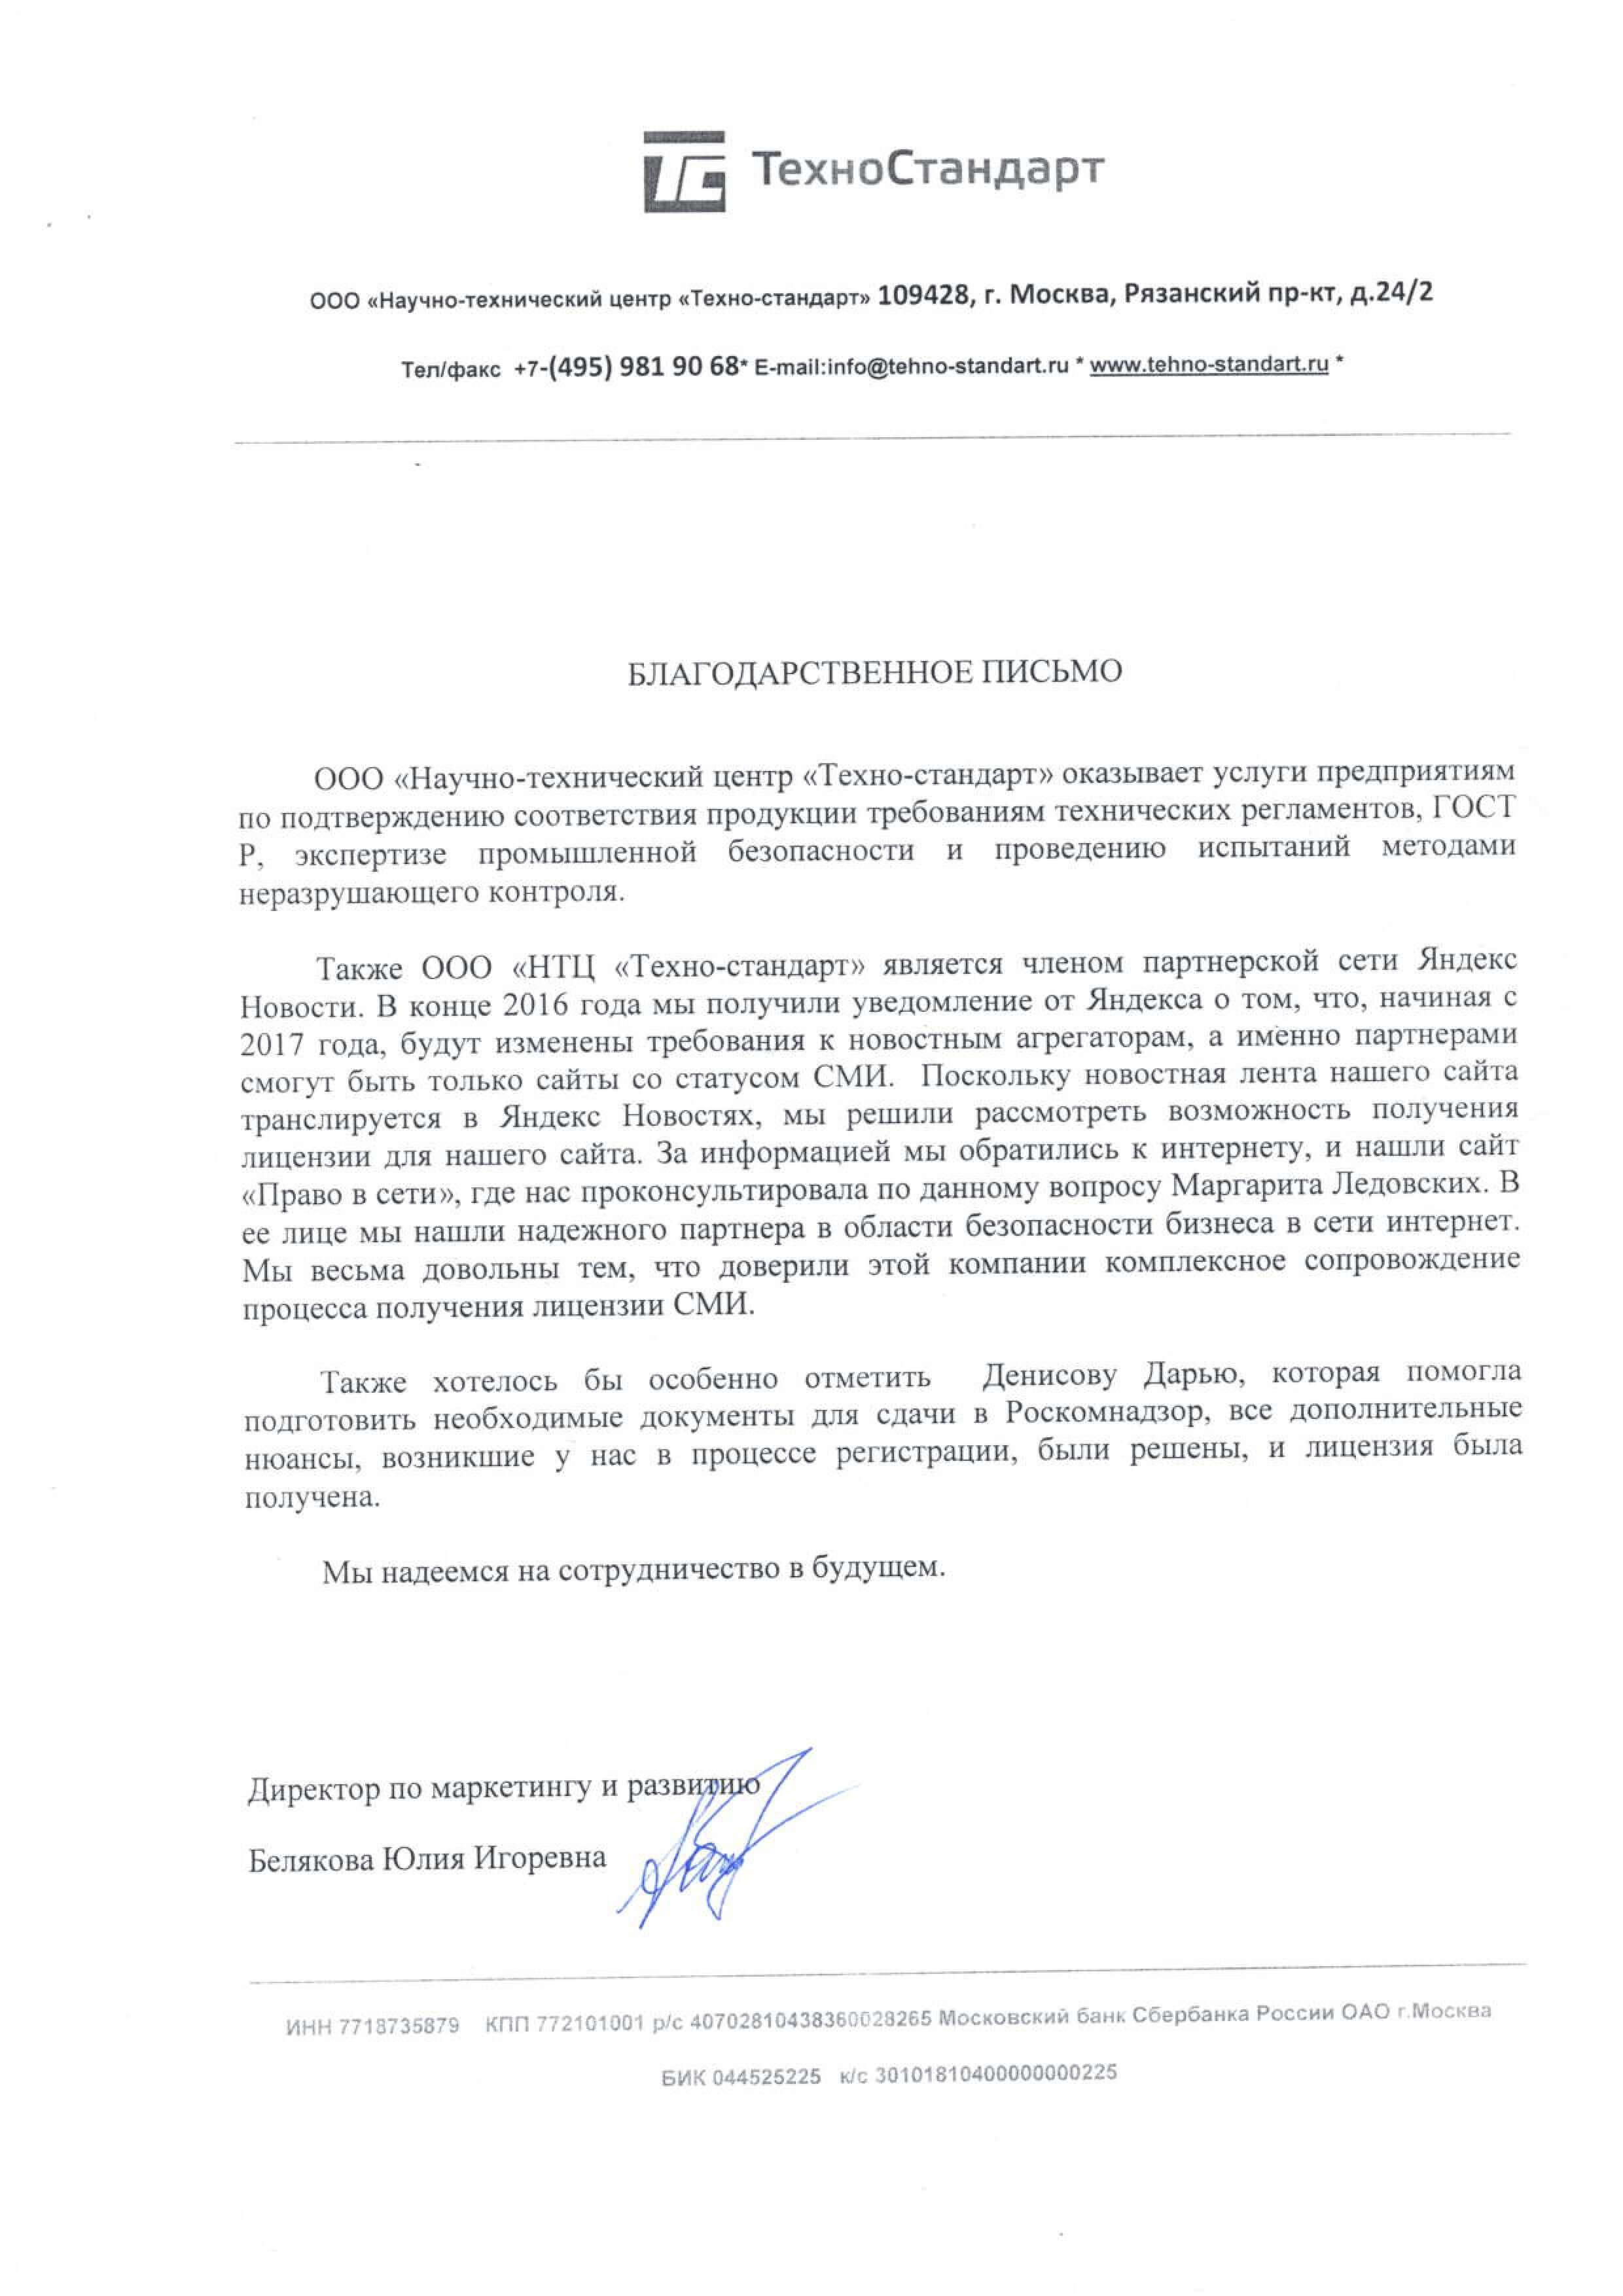 отзыв о Право в сети - регистрация СМИ